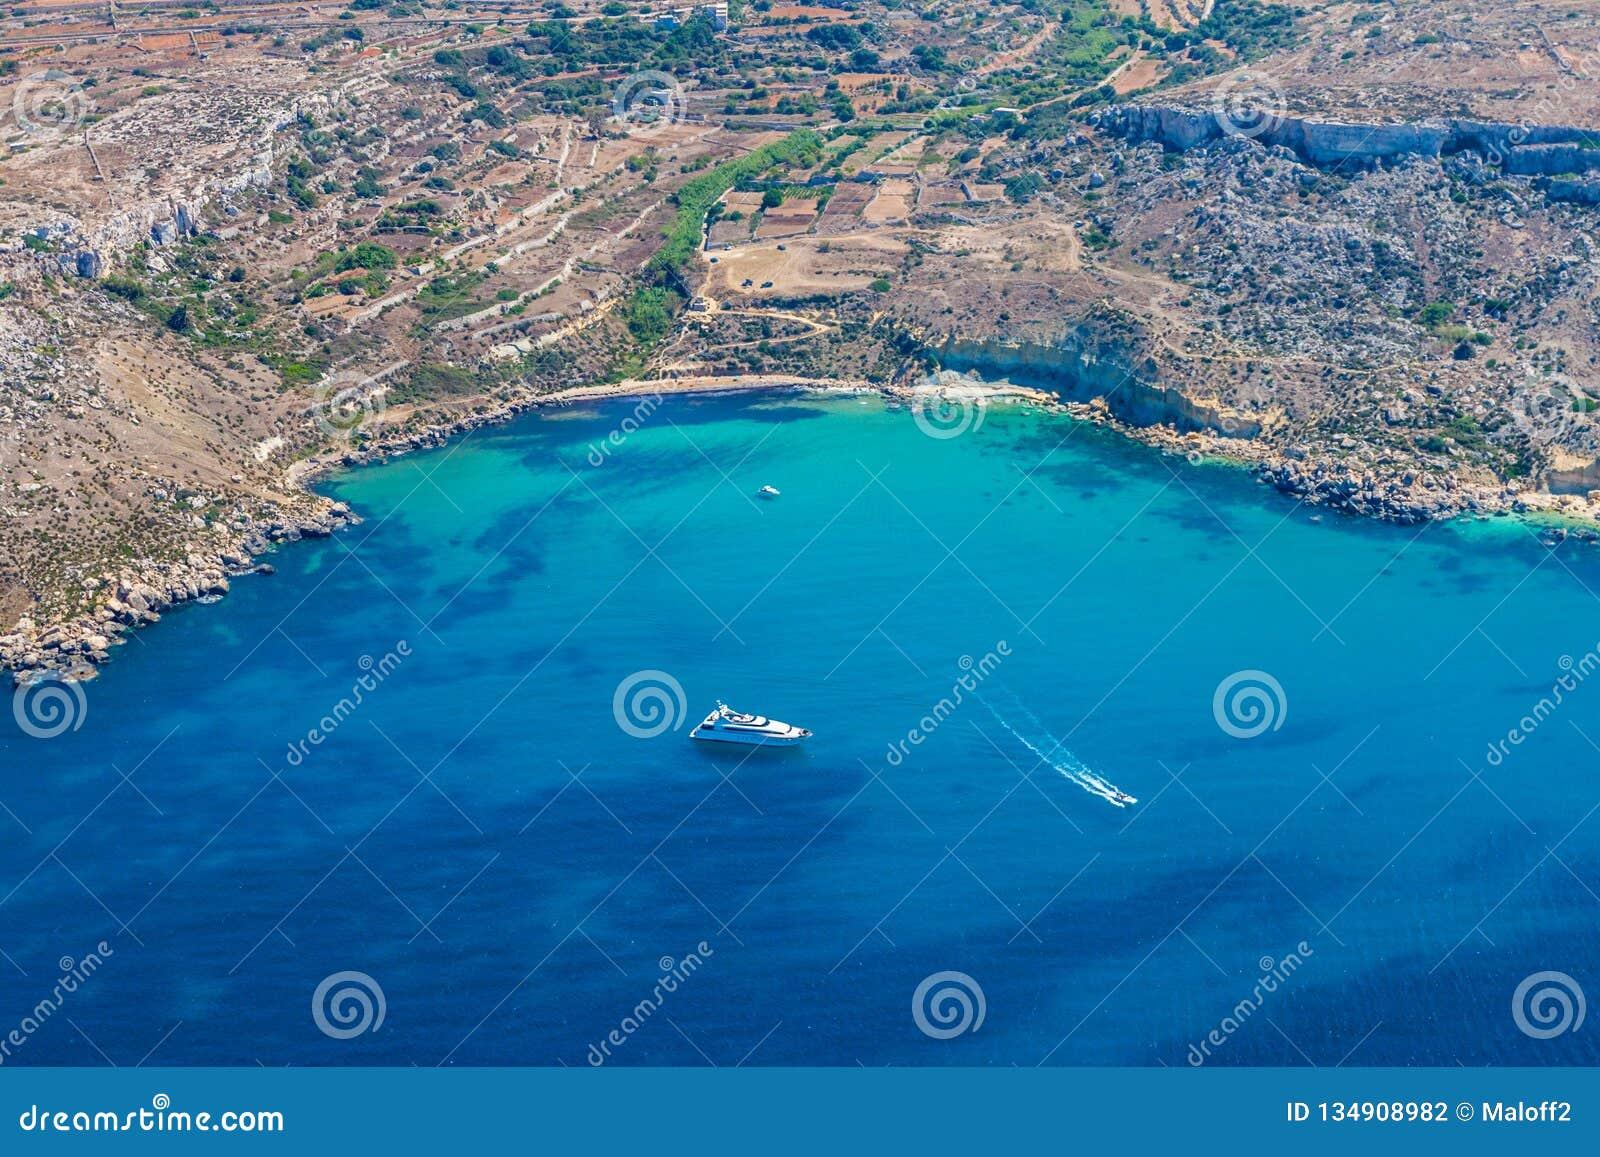 Baie de Mgiebah, crique reculée accessible par un chemin raide et rocheux, avec de l eau une plage sablonneuse et bleu azuré de t